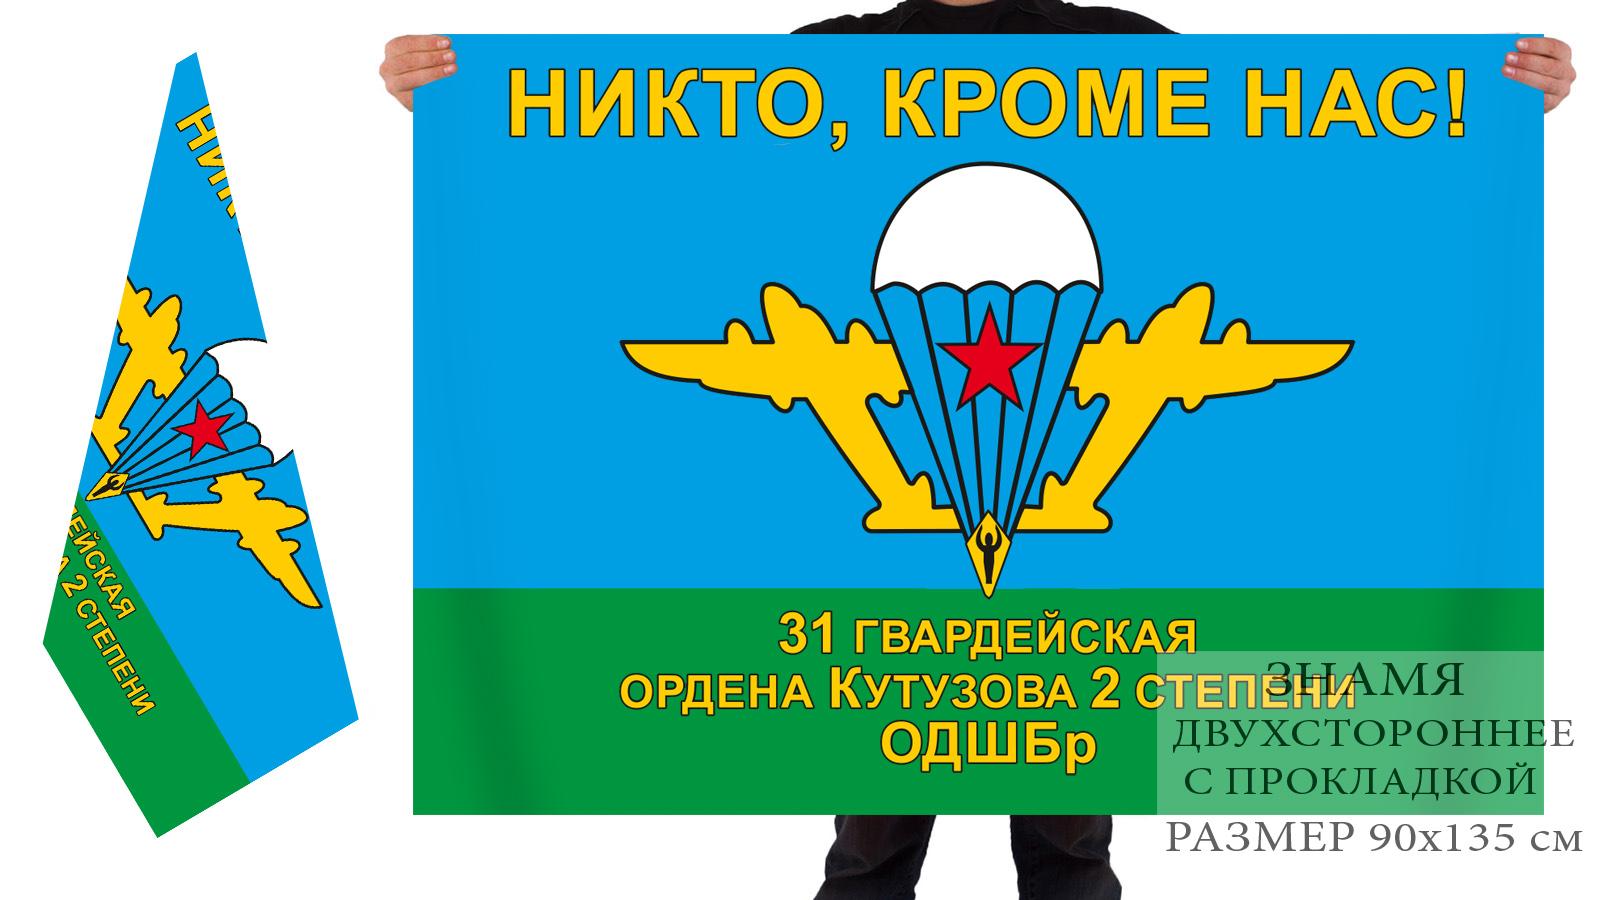 Двусторонний флаг 31 гвардейской ОДШБр